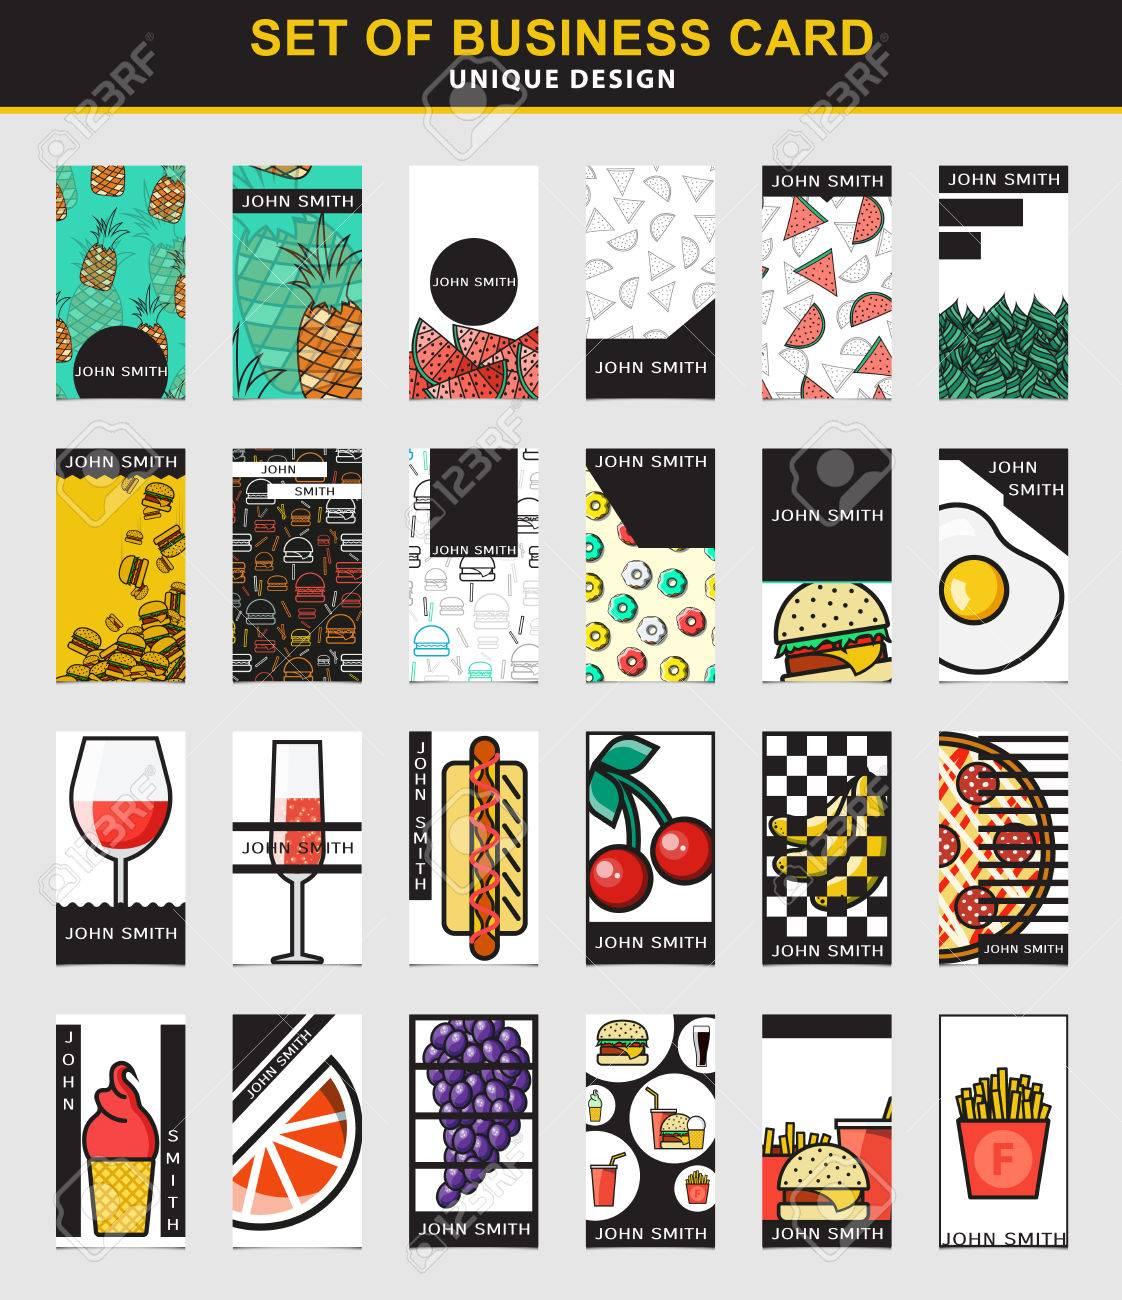 Les Cartes Daffaires Avec De La Nourriture Fruits Sur Une Carte Visite Pour Restauration Rapide